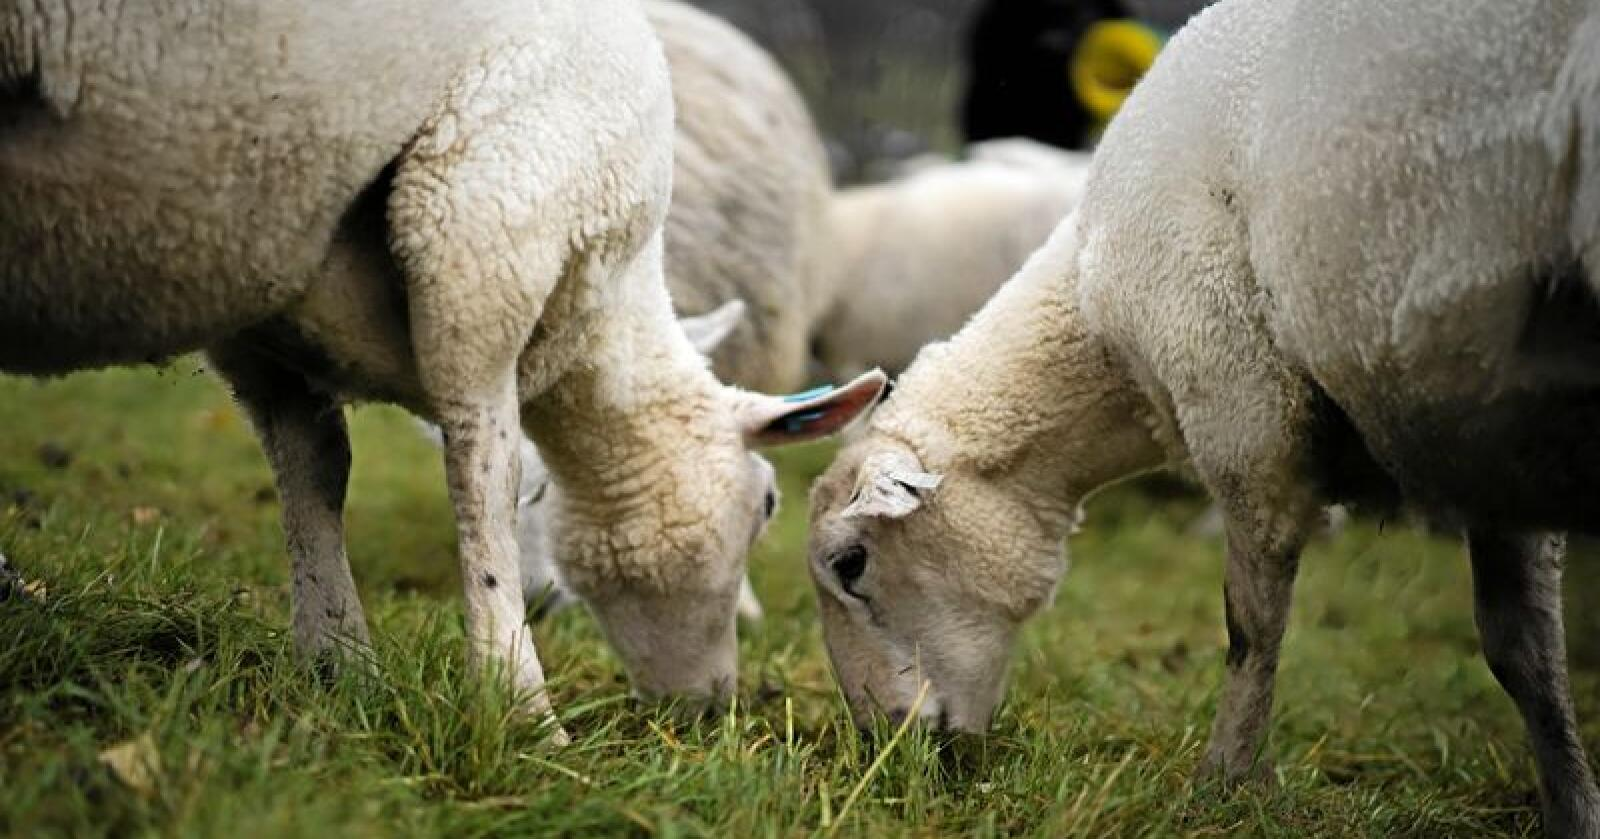 Mædi kan ikke overføres til mennesker, men er svært smertefull for dyrene. Illustrasjonsfoto: Benjamin Hernes Vogl